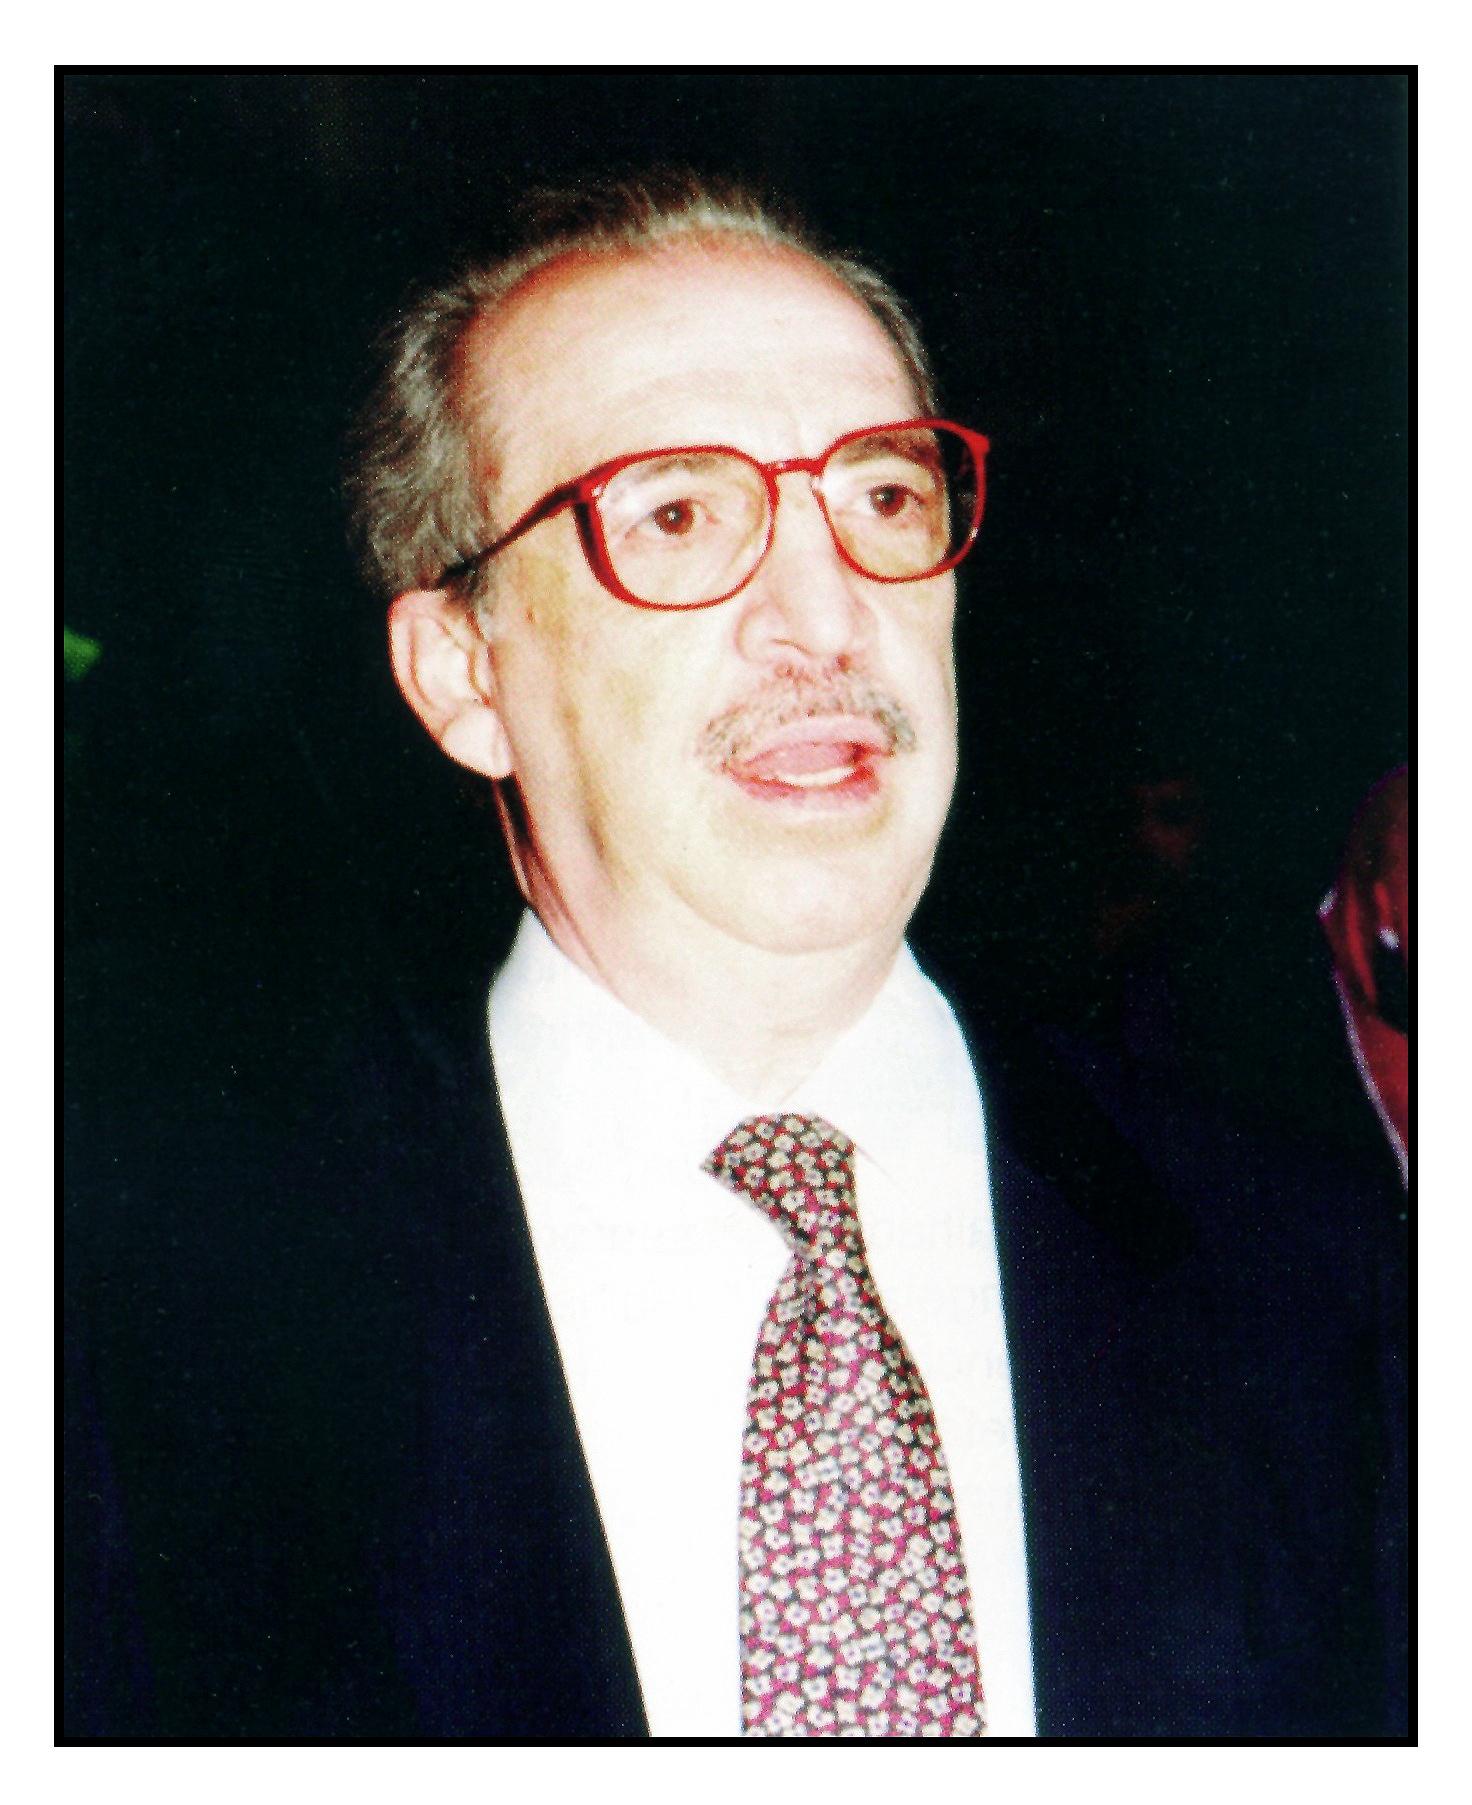 Álvaro Ferdinando Duarte Barcelos